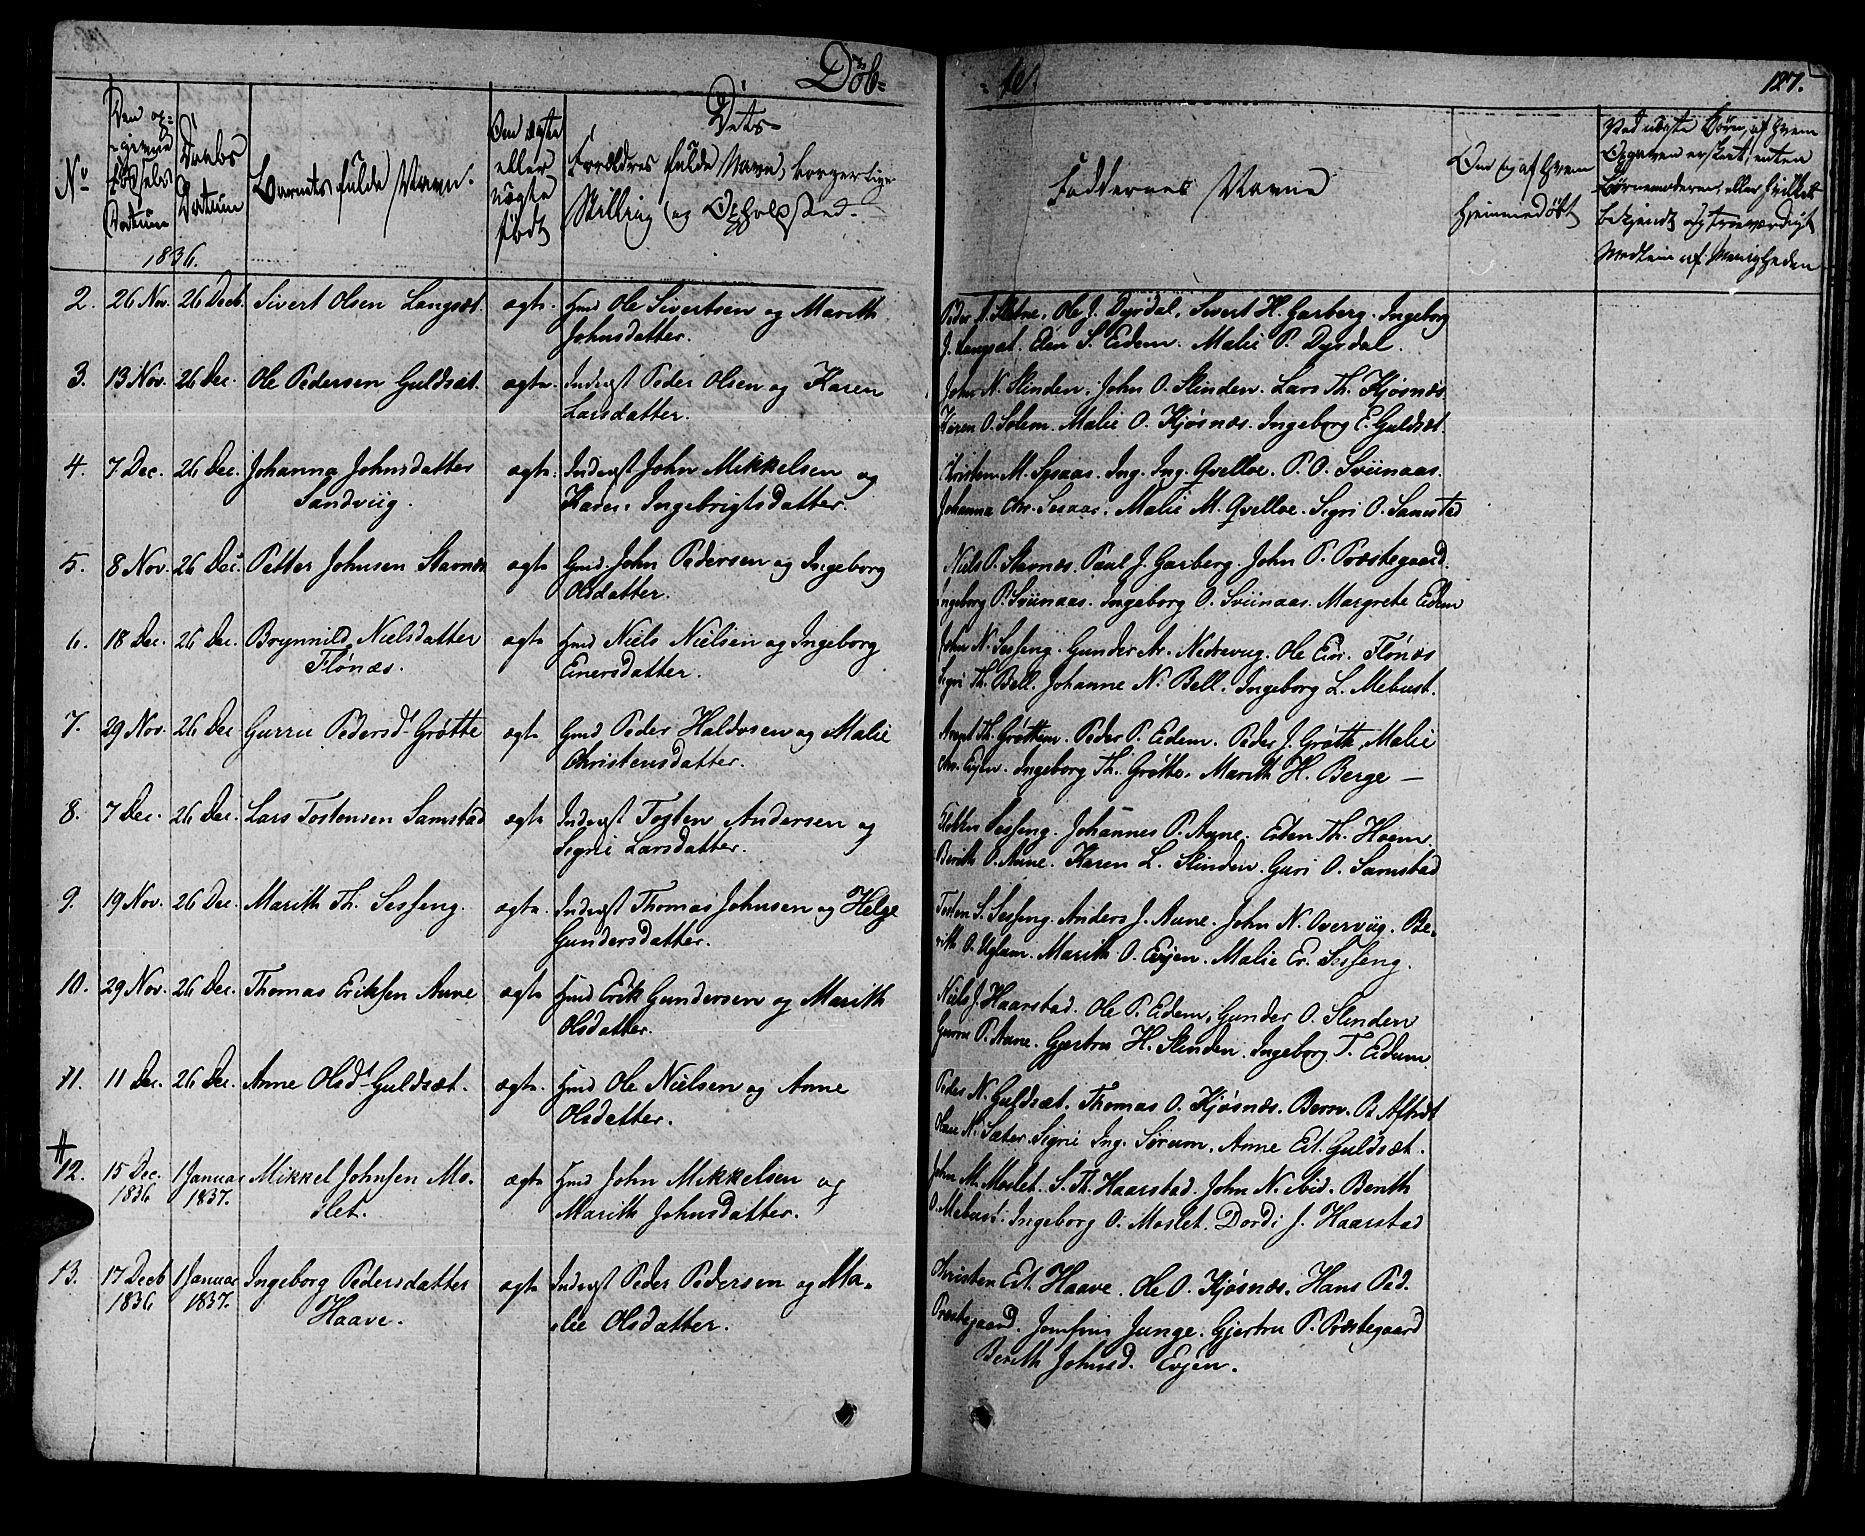 SAT, Ministerialprotokoller, klokkerbøker og fødselsregistre - Sør-Trøndelag, 695/L1143: Ministerialbok nr. 695A05 /1, 1824-1842, s. 127